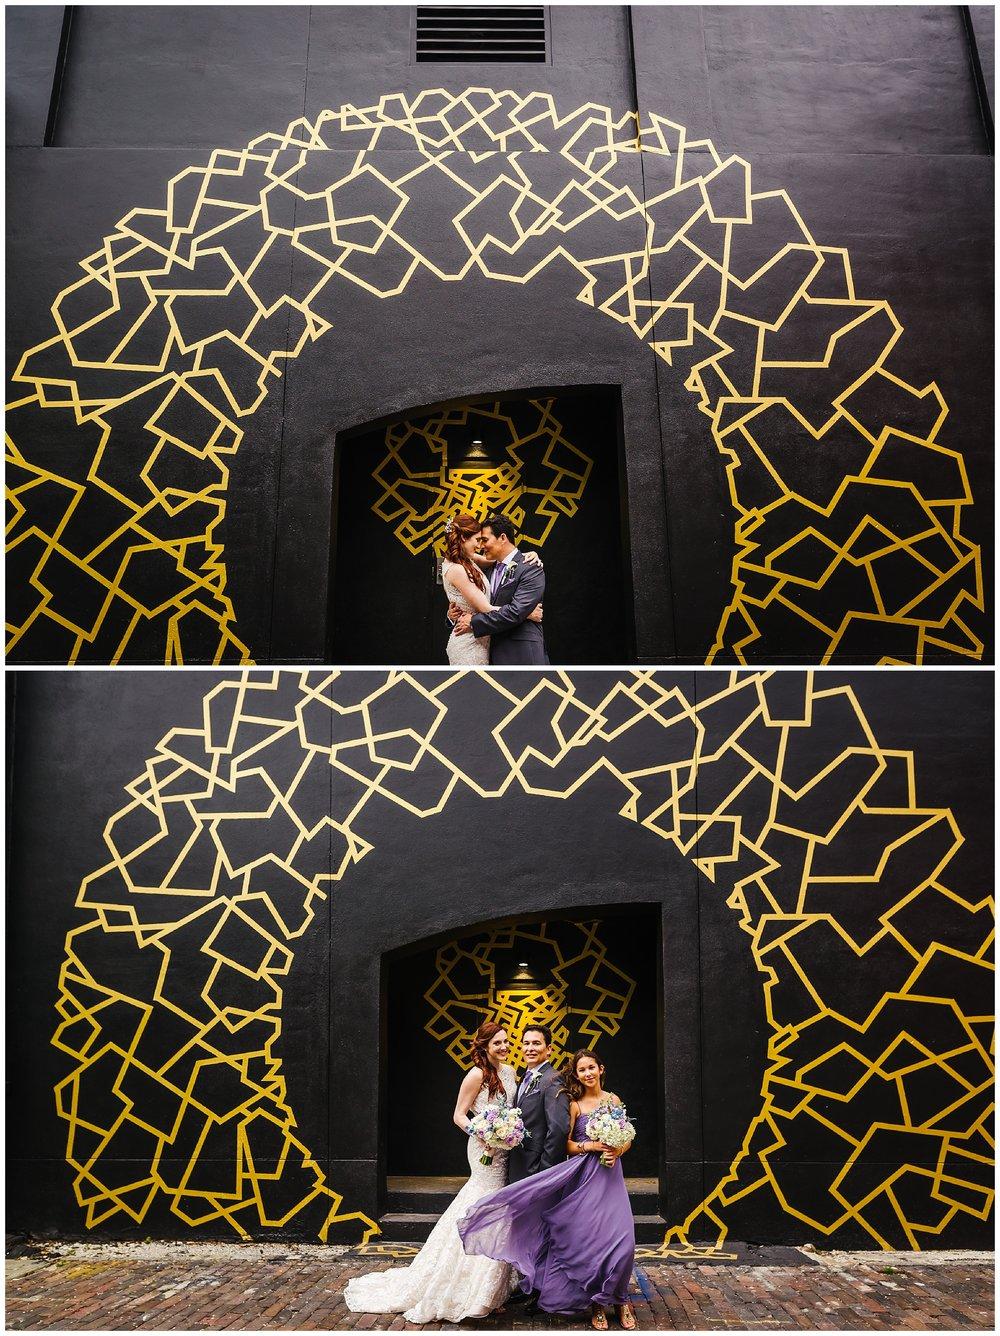 st-pete-wedding-photographer-nova-535-murals-downtown-lavendar_0033.jpg